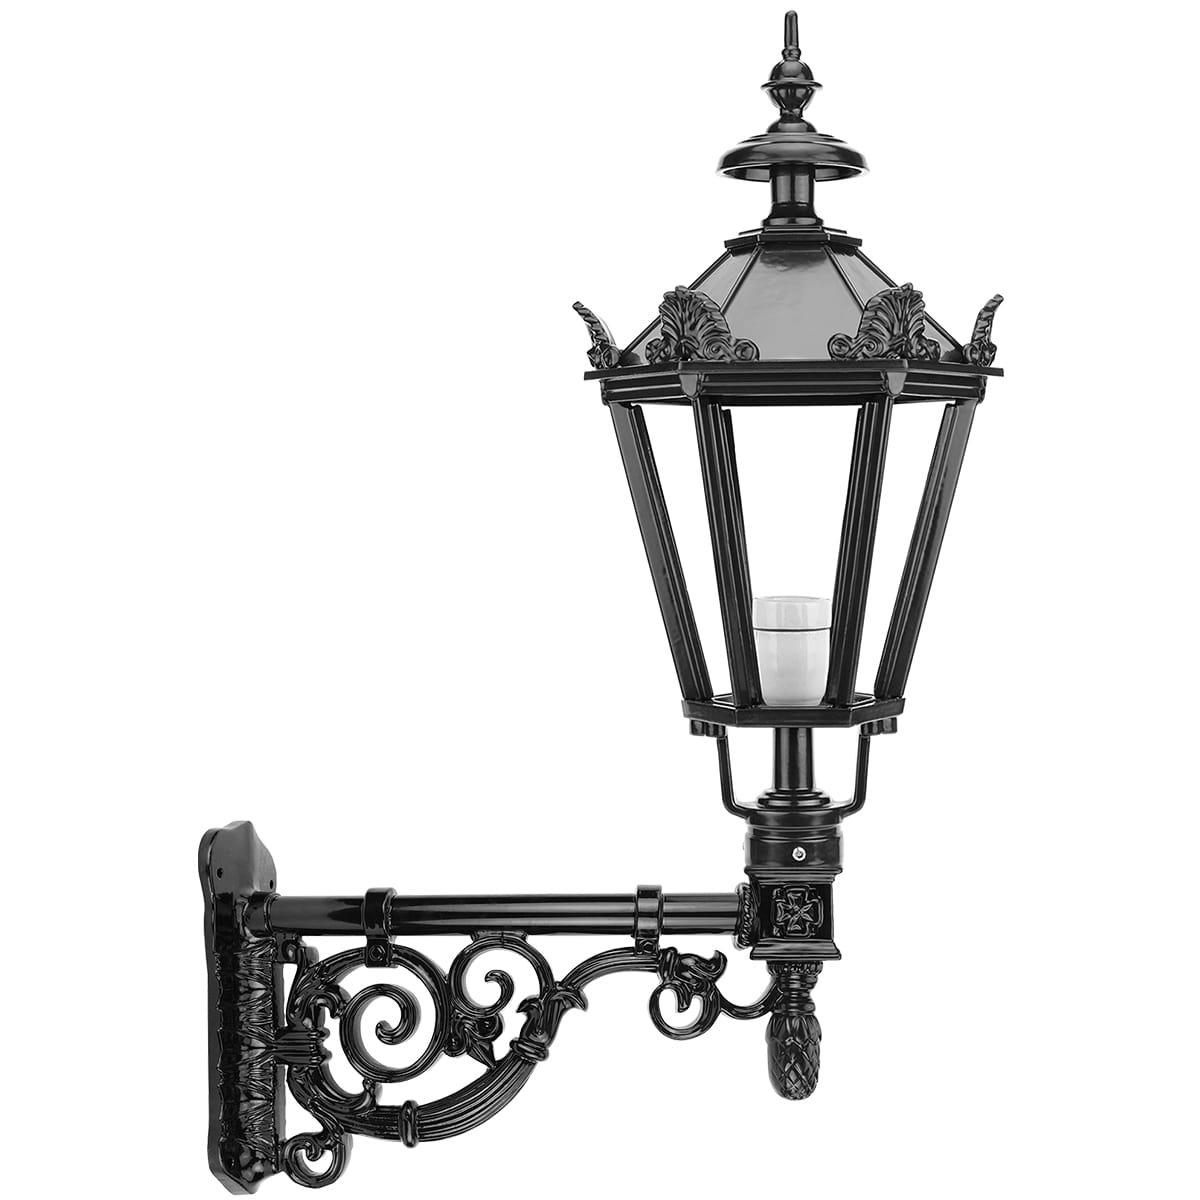 Außenbeleuchtung Klassisch Ländlich Wandlaterne alt Holländisch Diemen - 103 cm